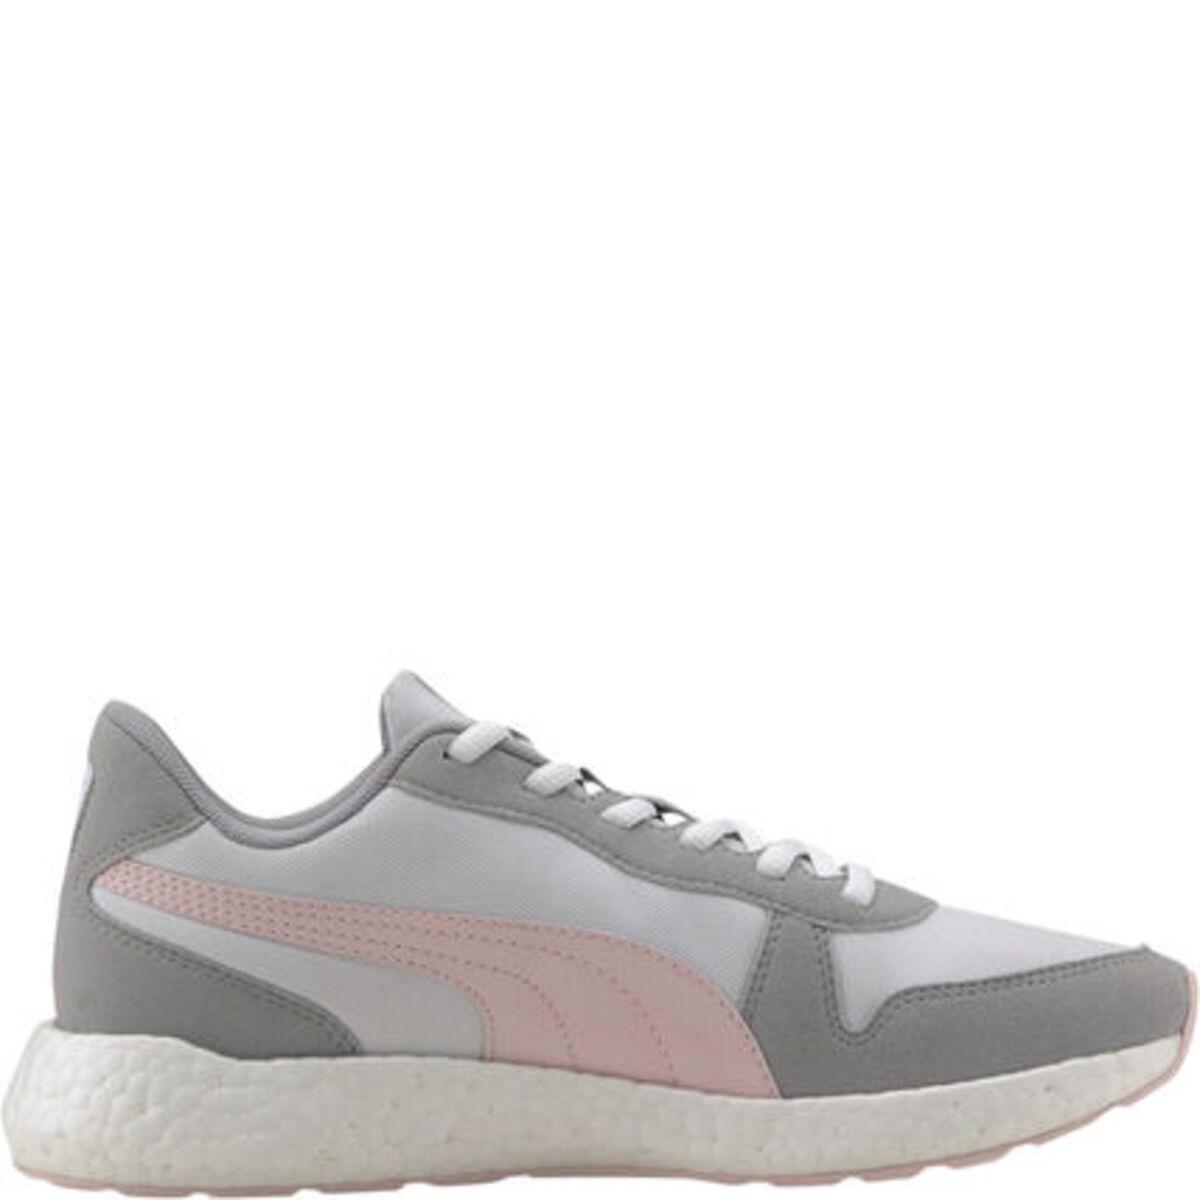 """Bild 4 von Puma Sneakers """"NRGY Neko Retro"""", Gummi-Laufsohle, für Damen"""